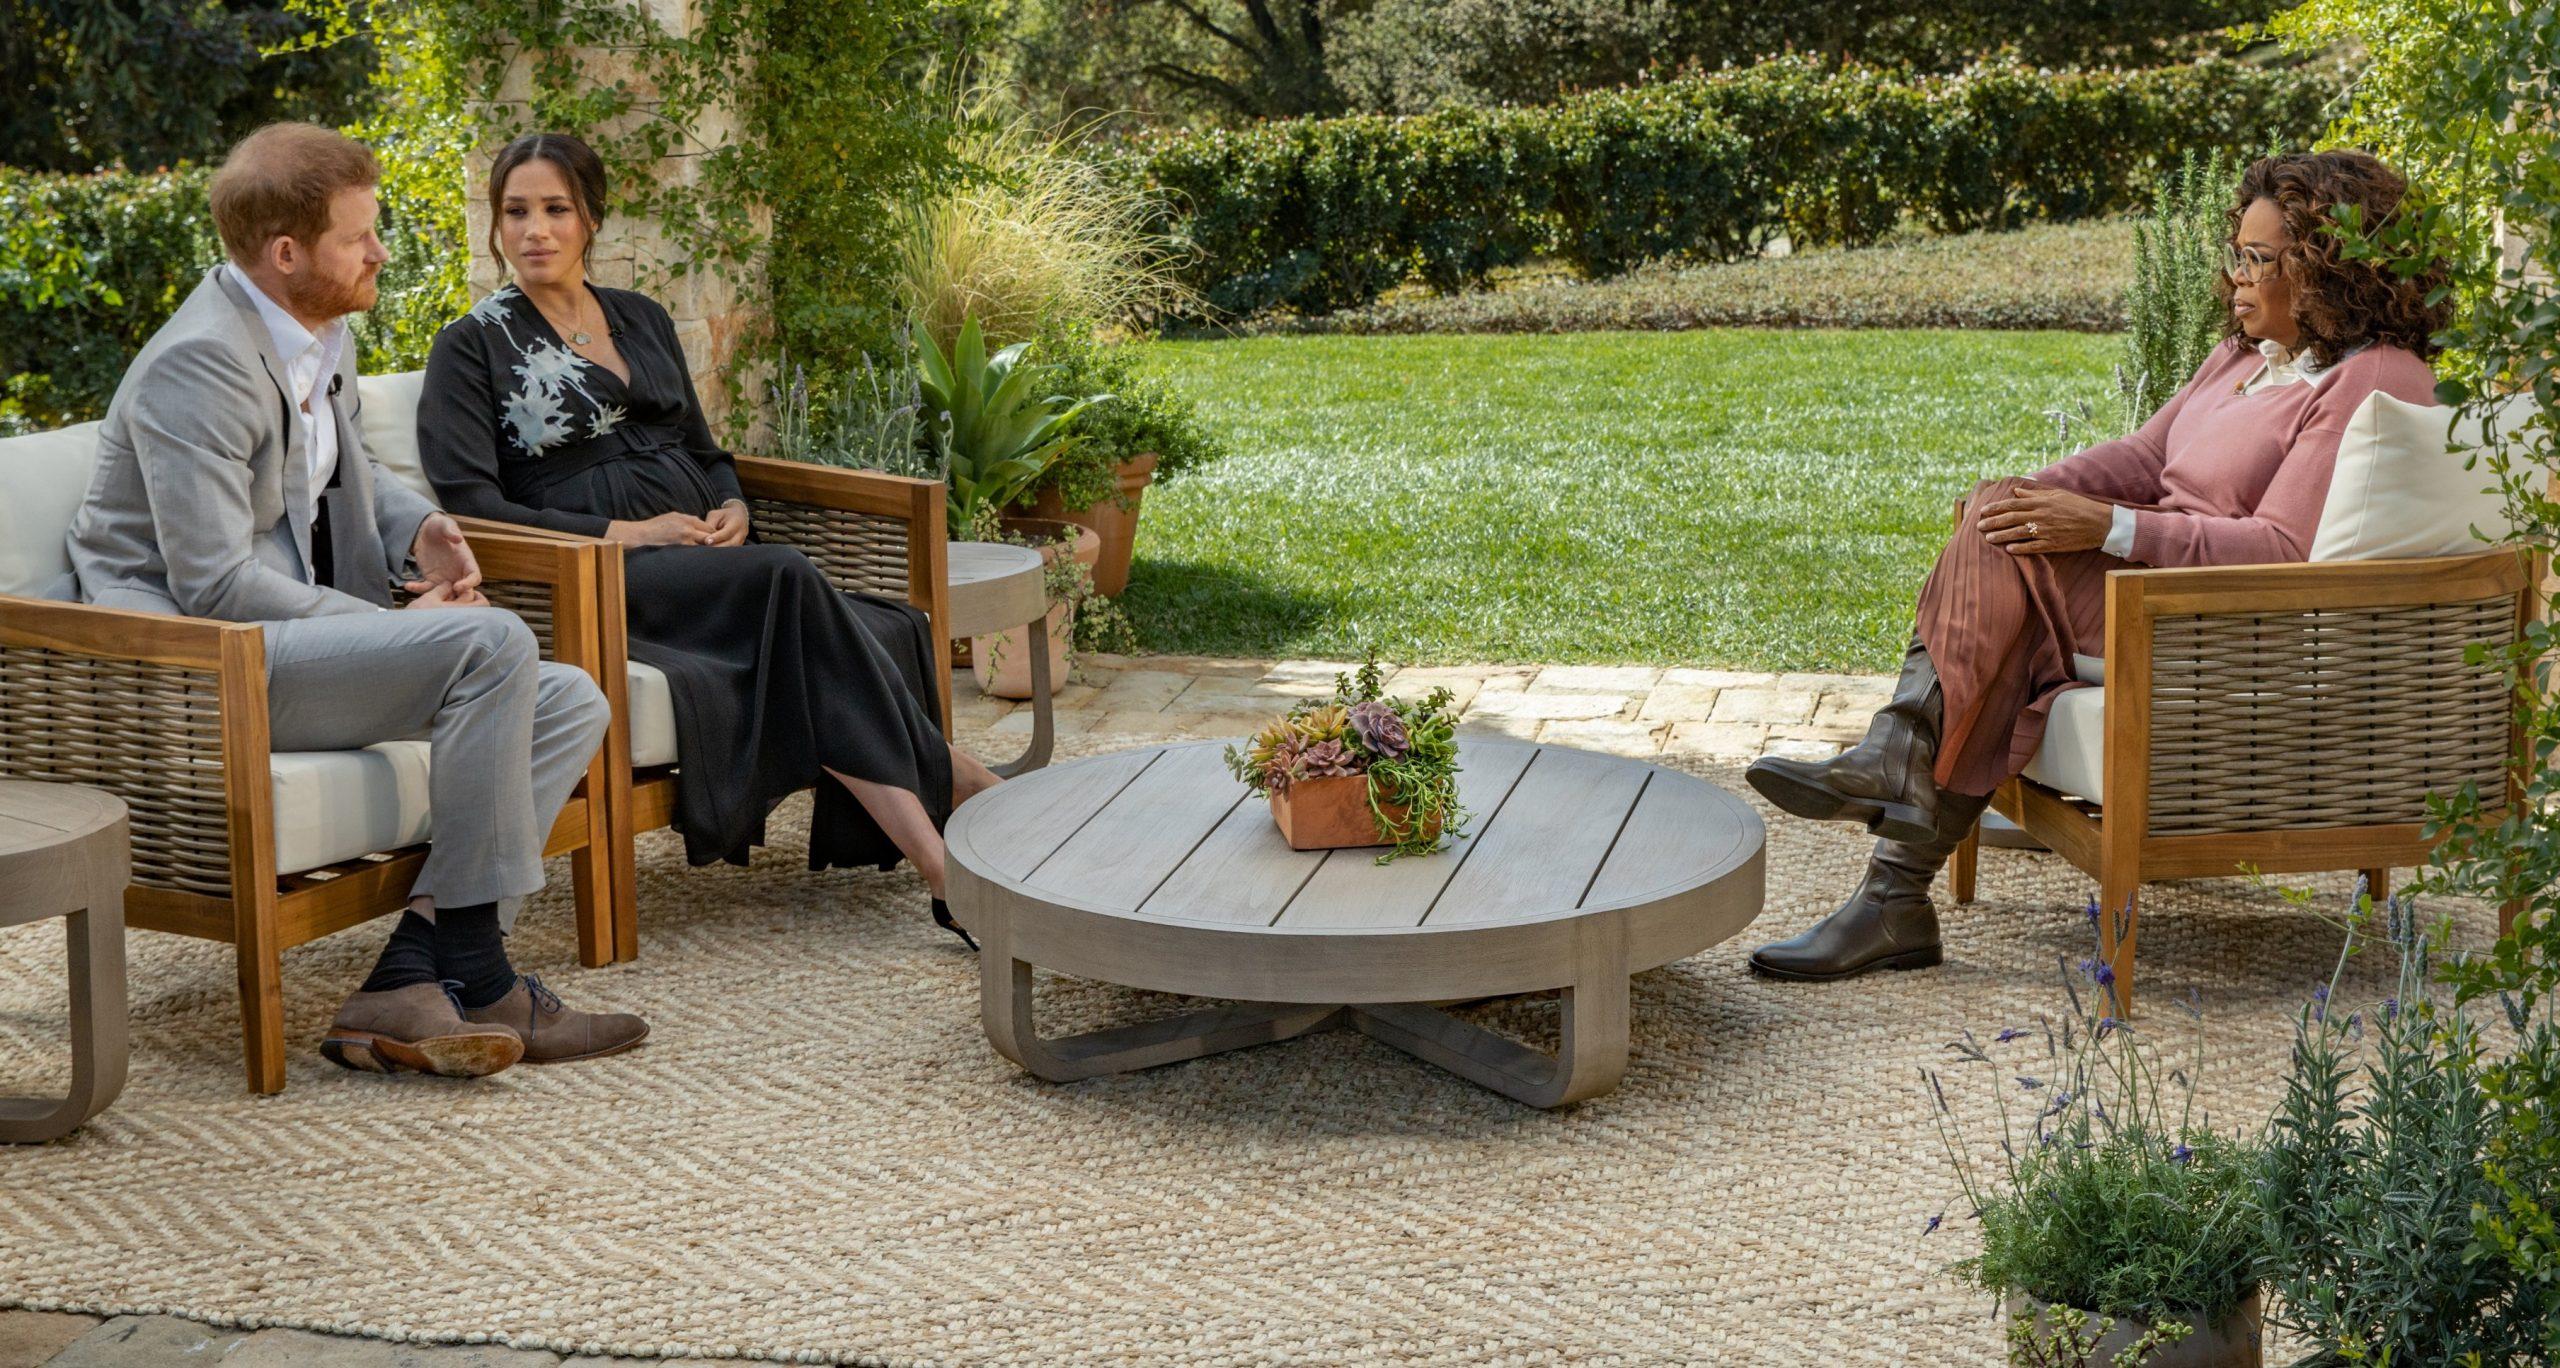 Canalul CBS a plătit 7 milioane de dolari pentru a difuza interviul cu Prințul Harry și Meghan Markle